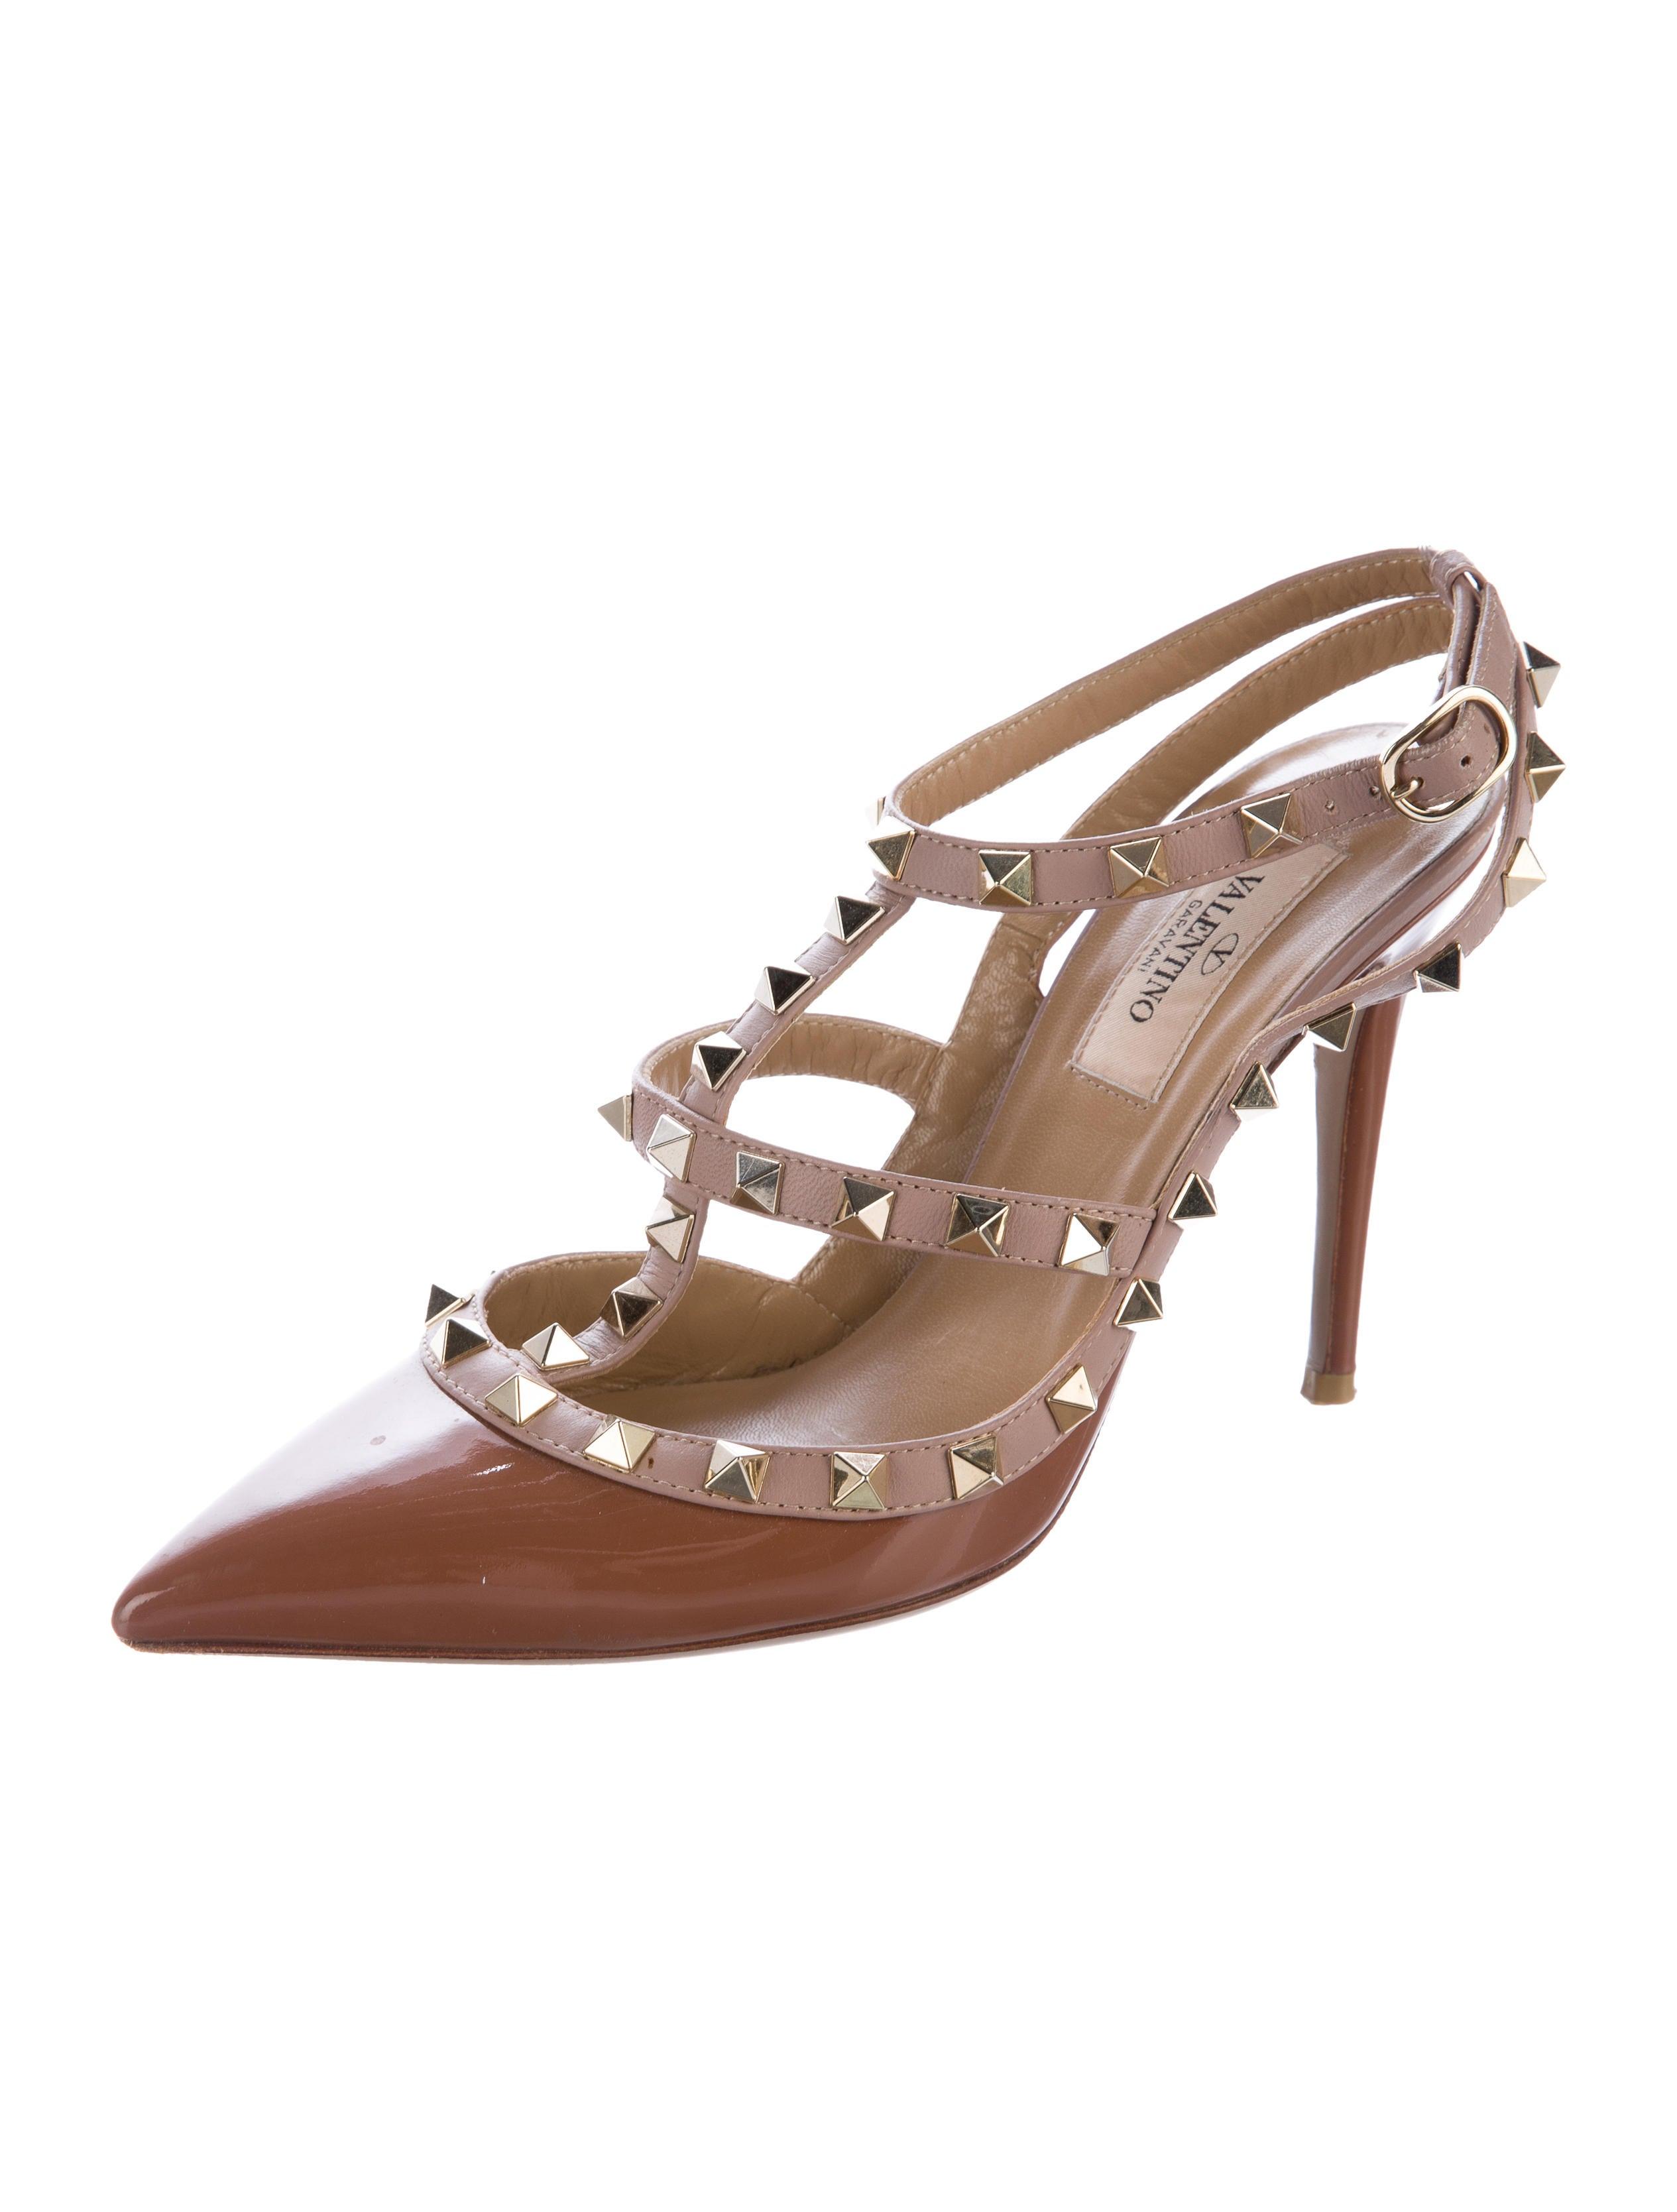 valentino rockstud ankle strap pumps shoes val65500. Black Bedroom Furniture Sets. Home Design Ideas